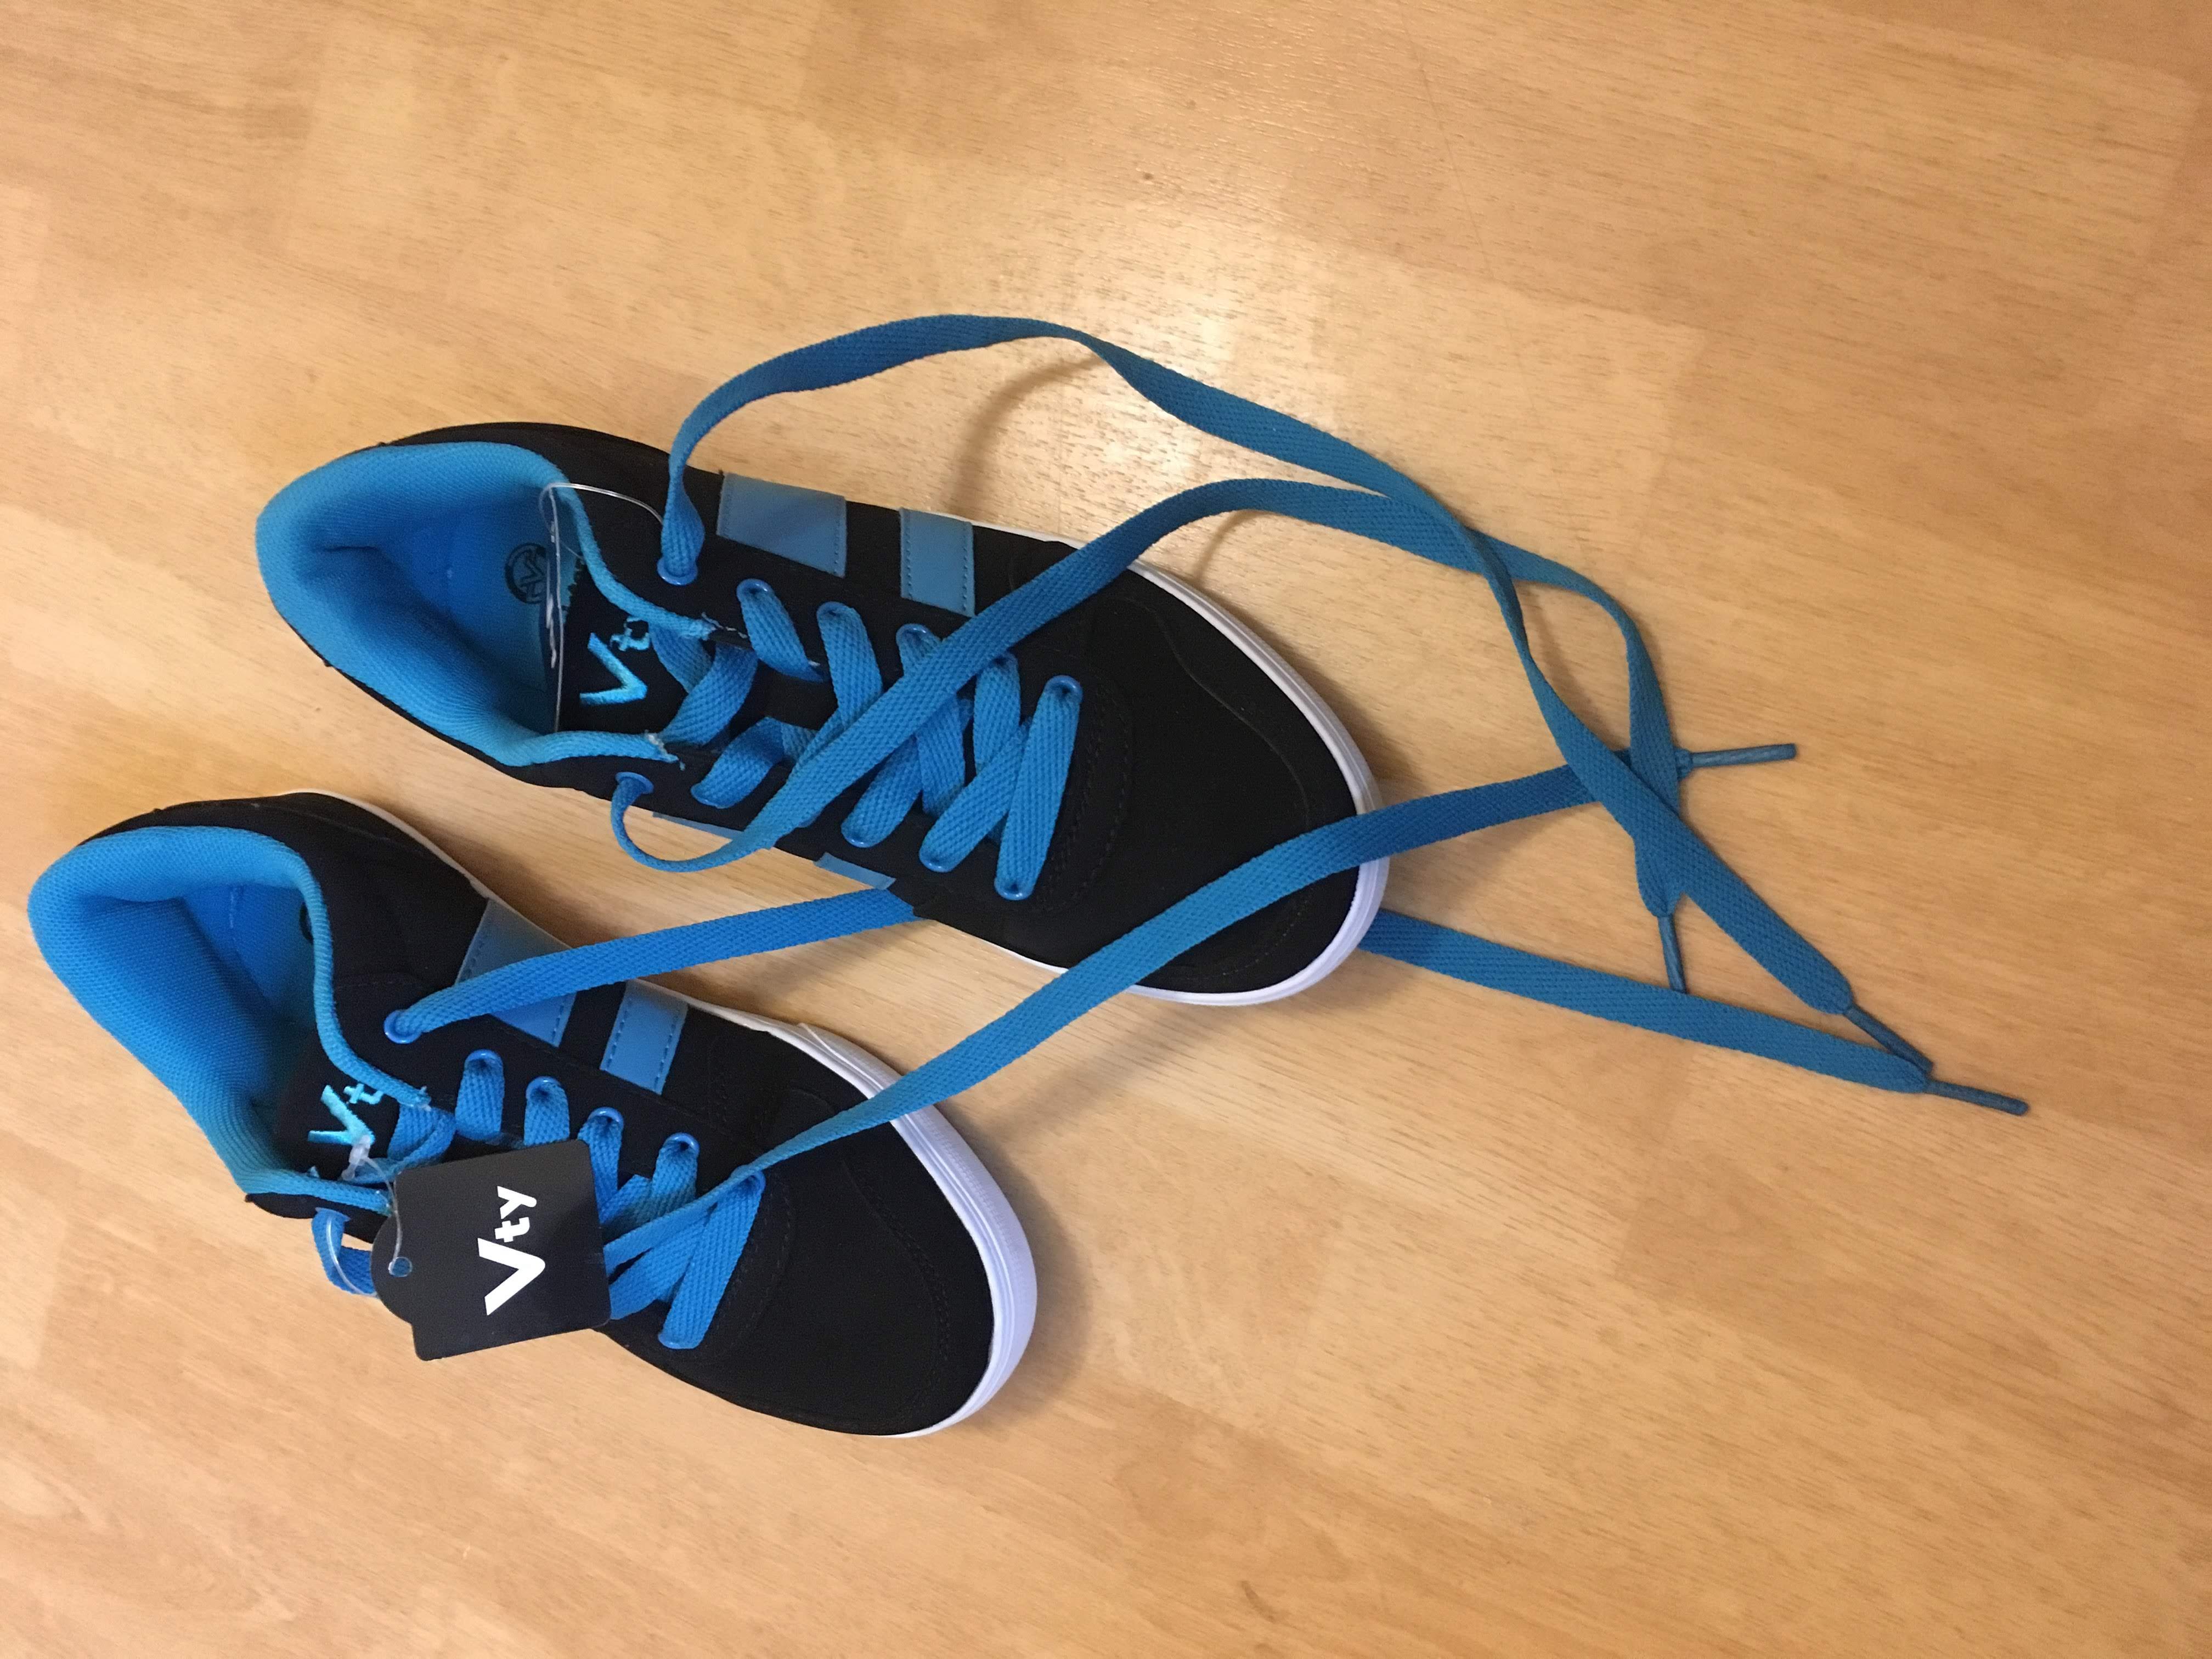 Skaterschuhe, links 37, rechts 36, schwarz mit blau